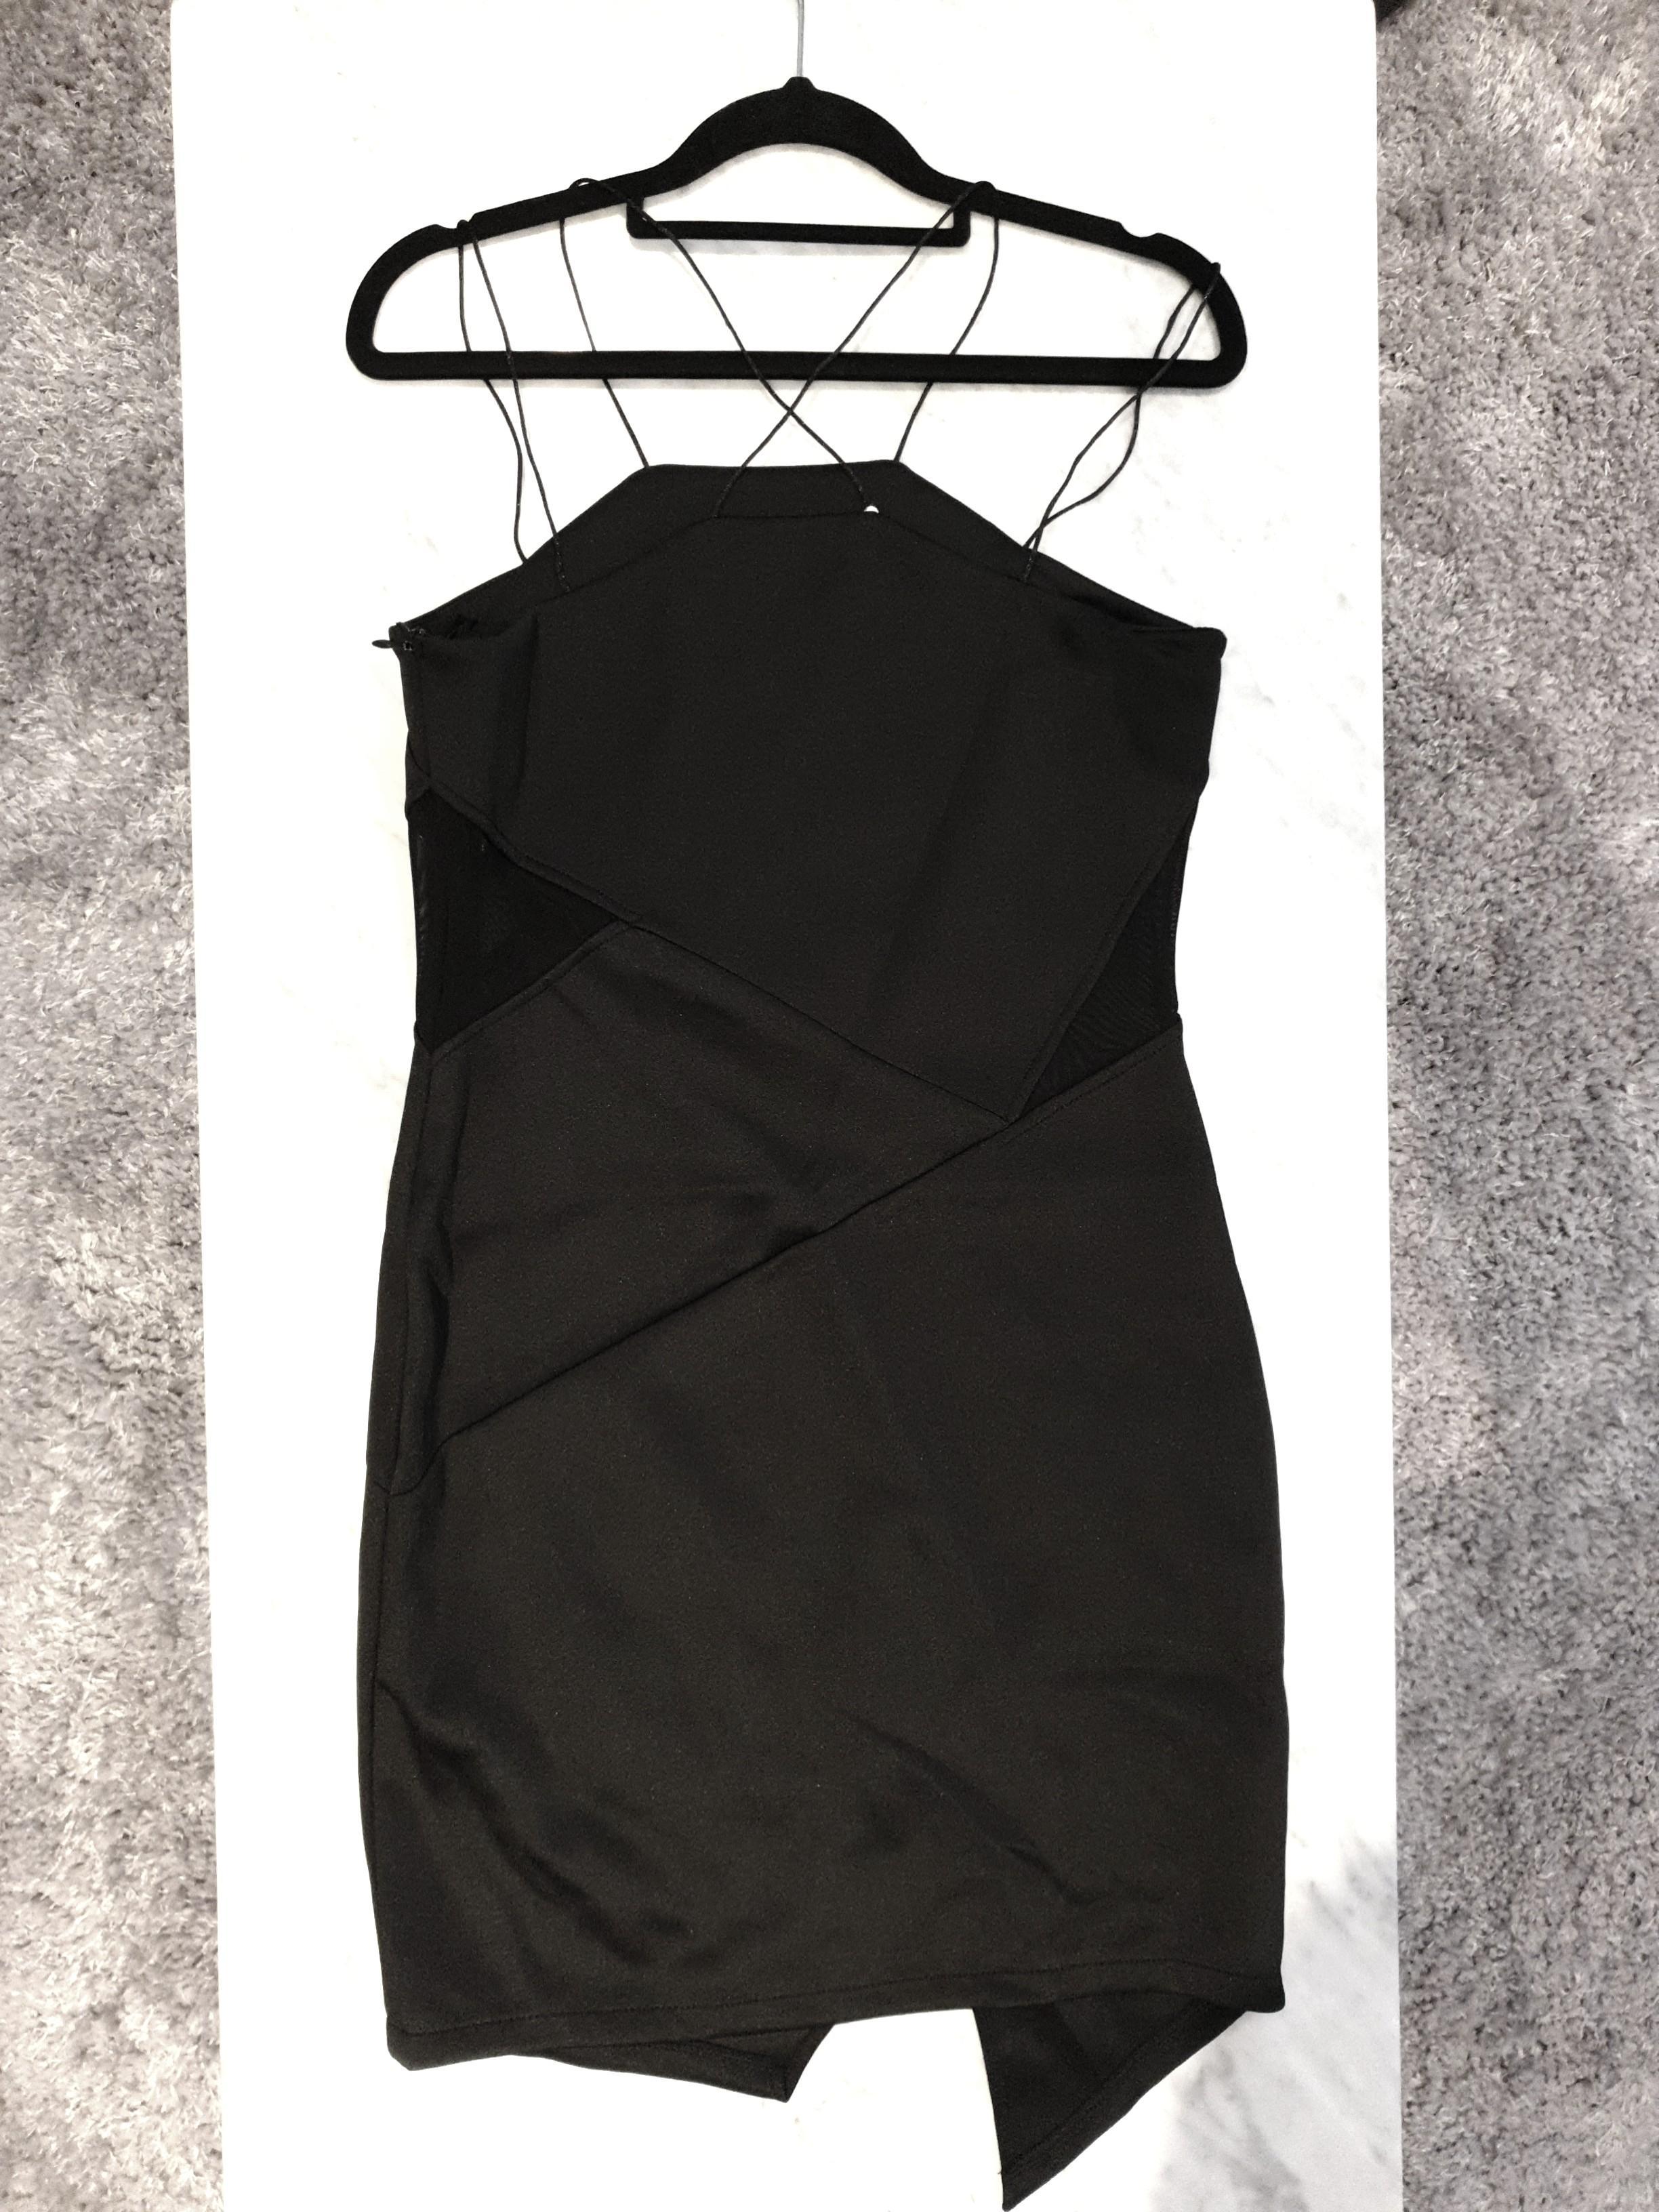 [SIZES UK: 12] Black A-symmetrical Spaghetti Strap Dress